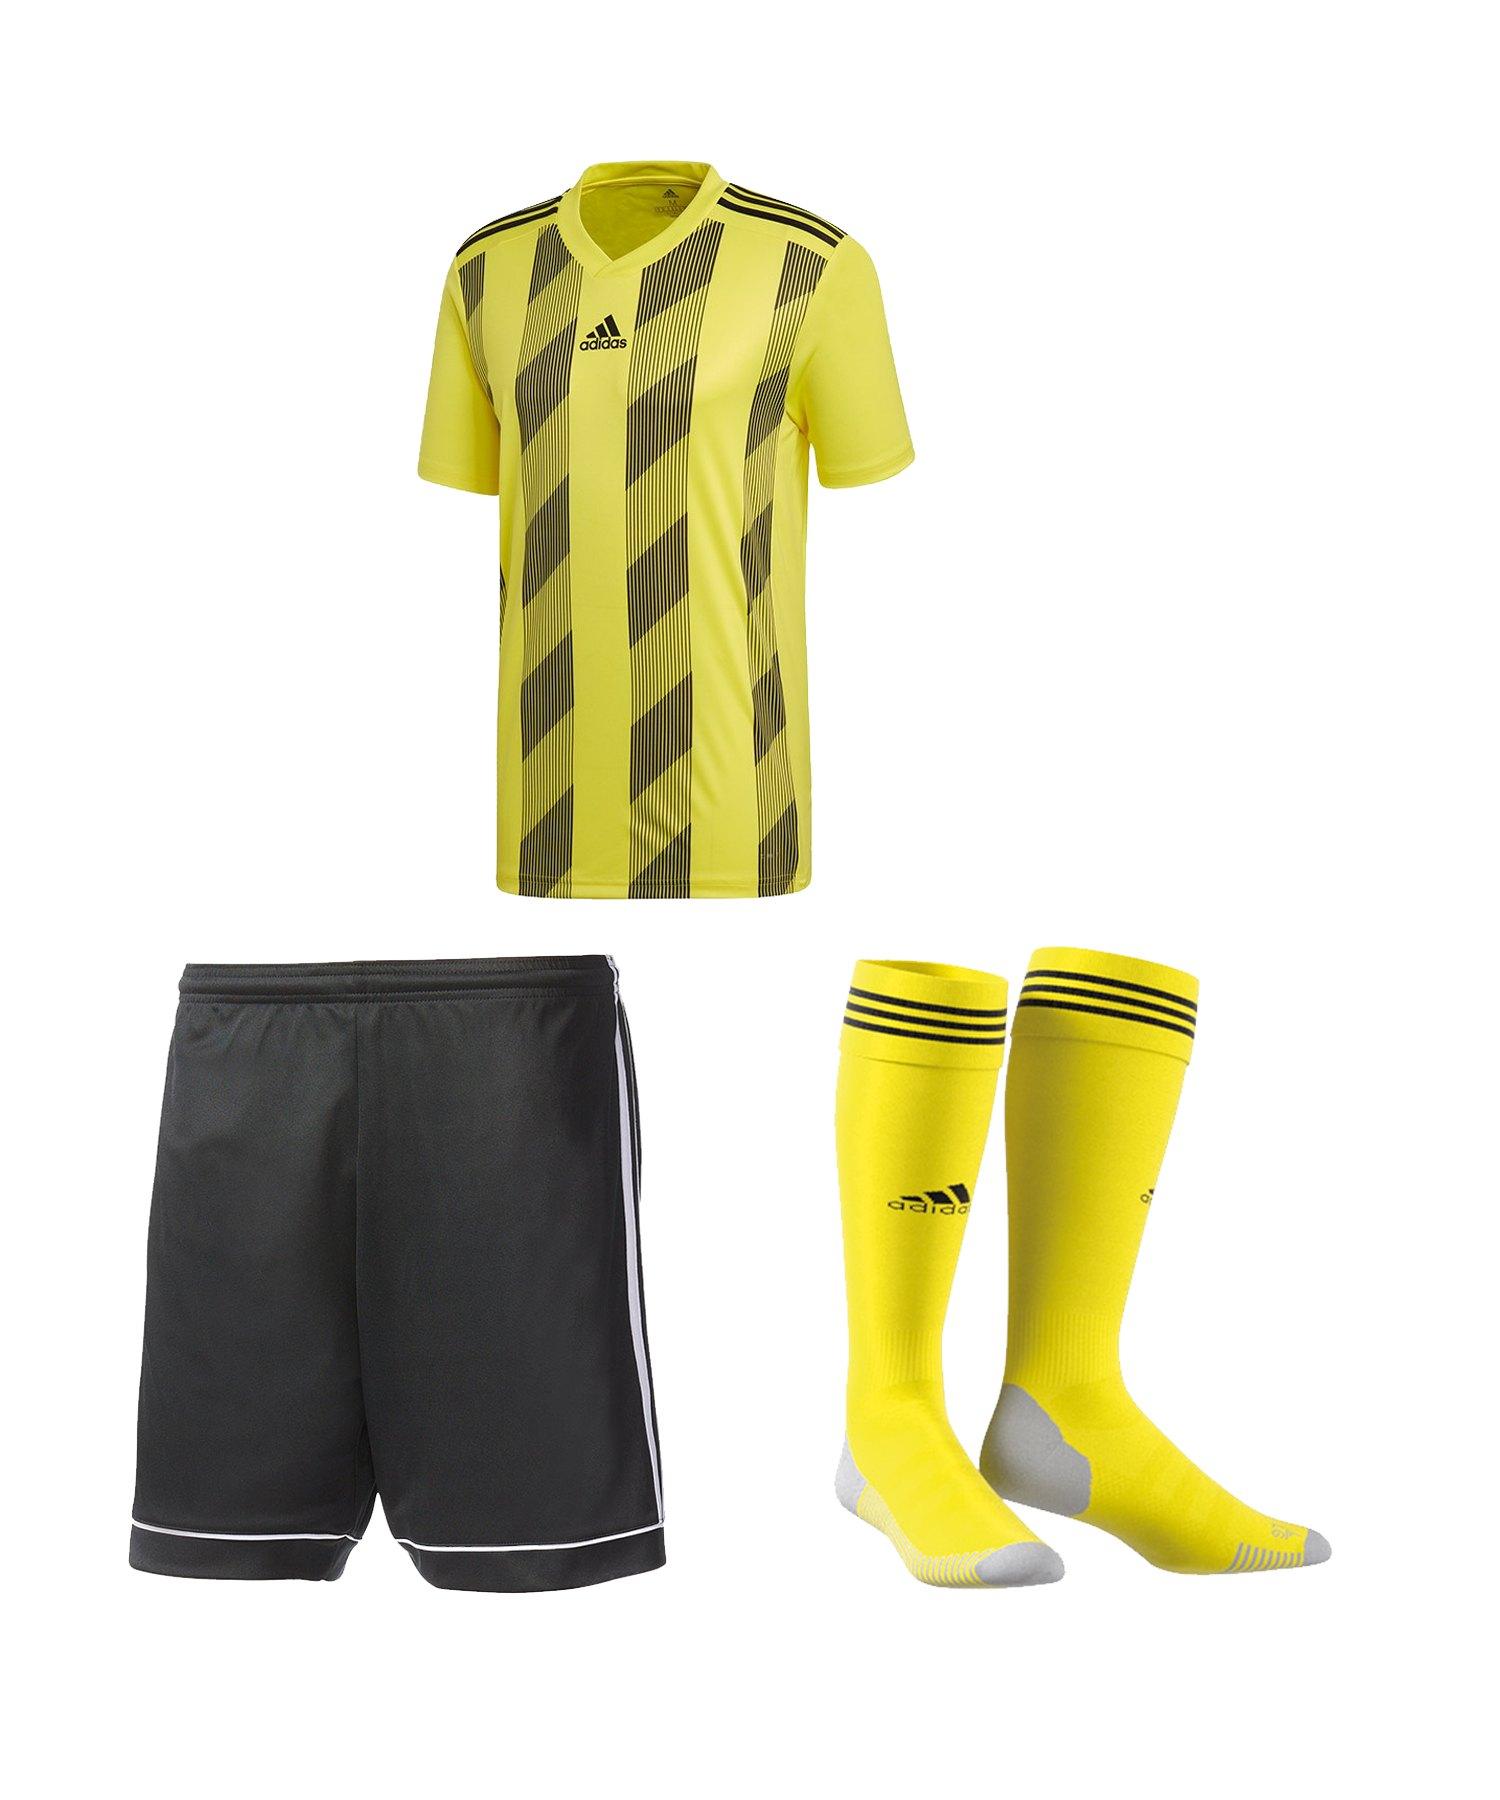 adidas Striped 19 Trikotset kurzarm Gelb Schwarz - gelb